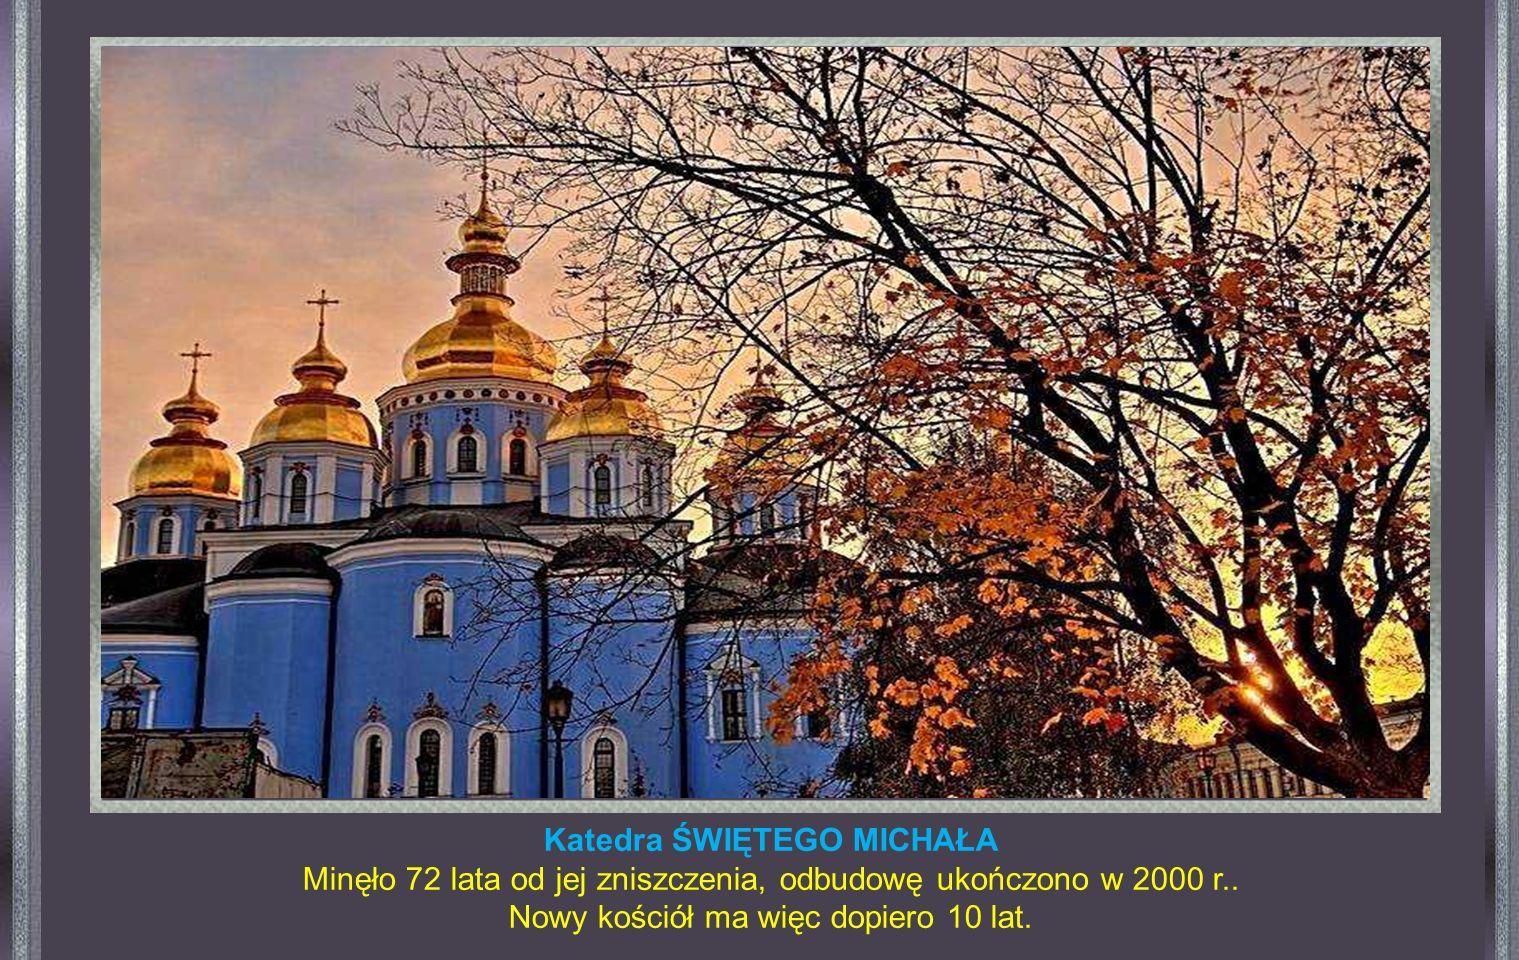 Kijów - Ukraina Katedra ŚWIĘTEGO MICHAŁA Rok 1919 był najbardziej dramatyczny, ponieważ reżim sowiecki skonfiskował i zniszczył setki kosciołów.. Kate